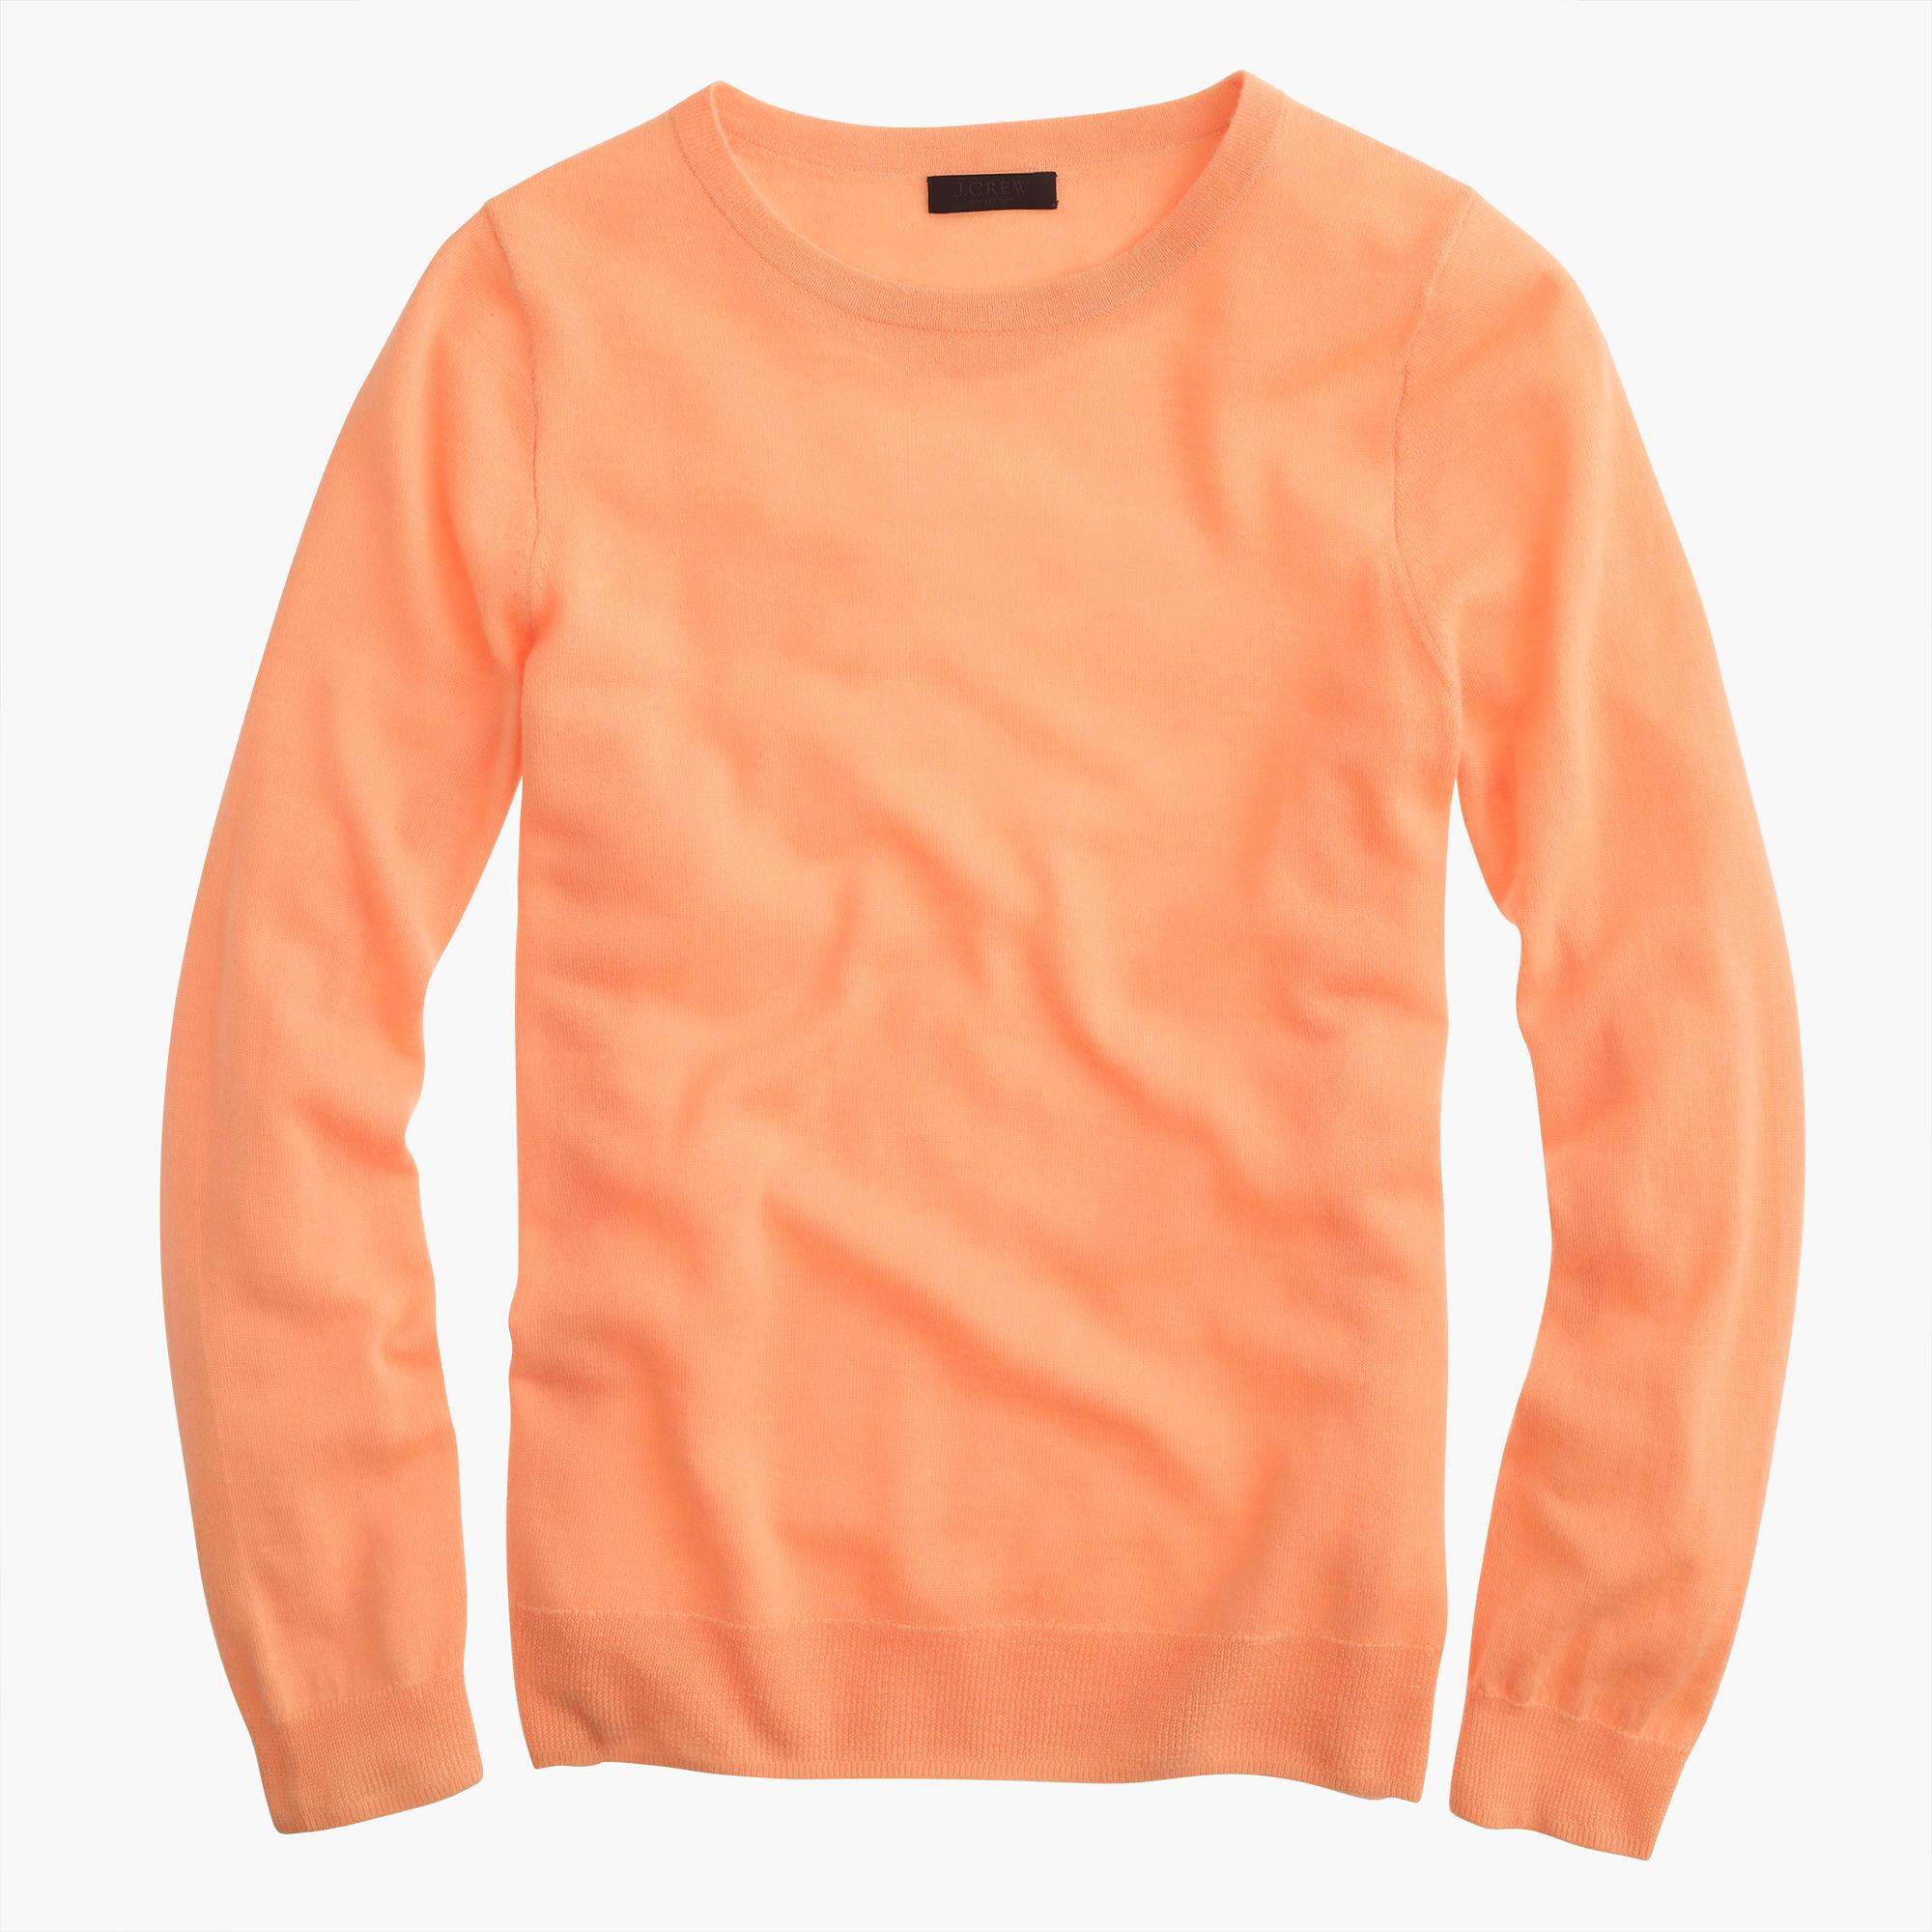 JCrew sweater in orange